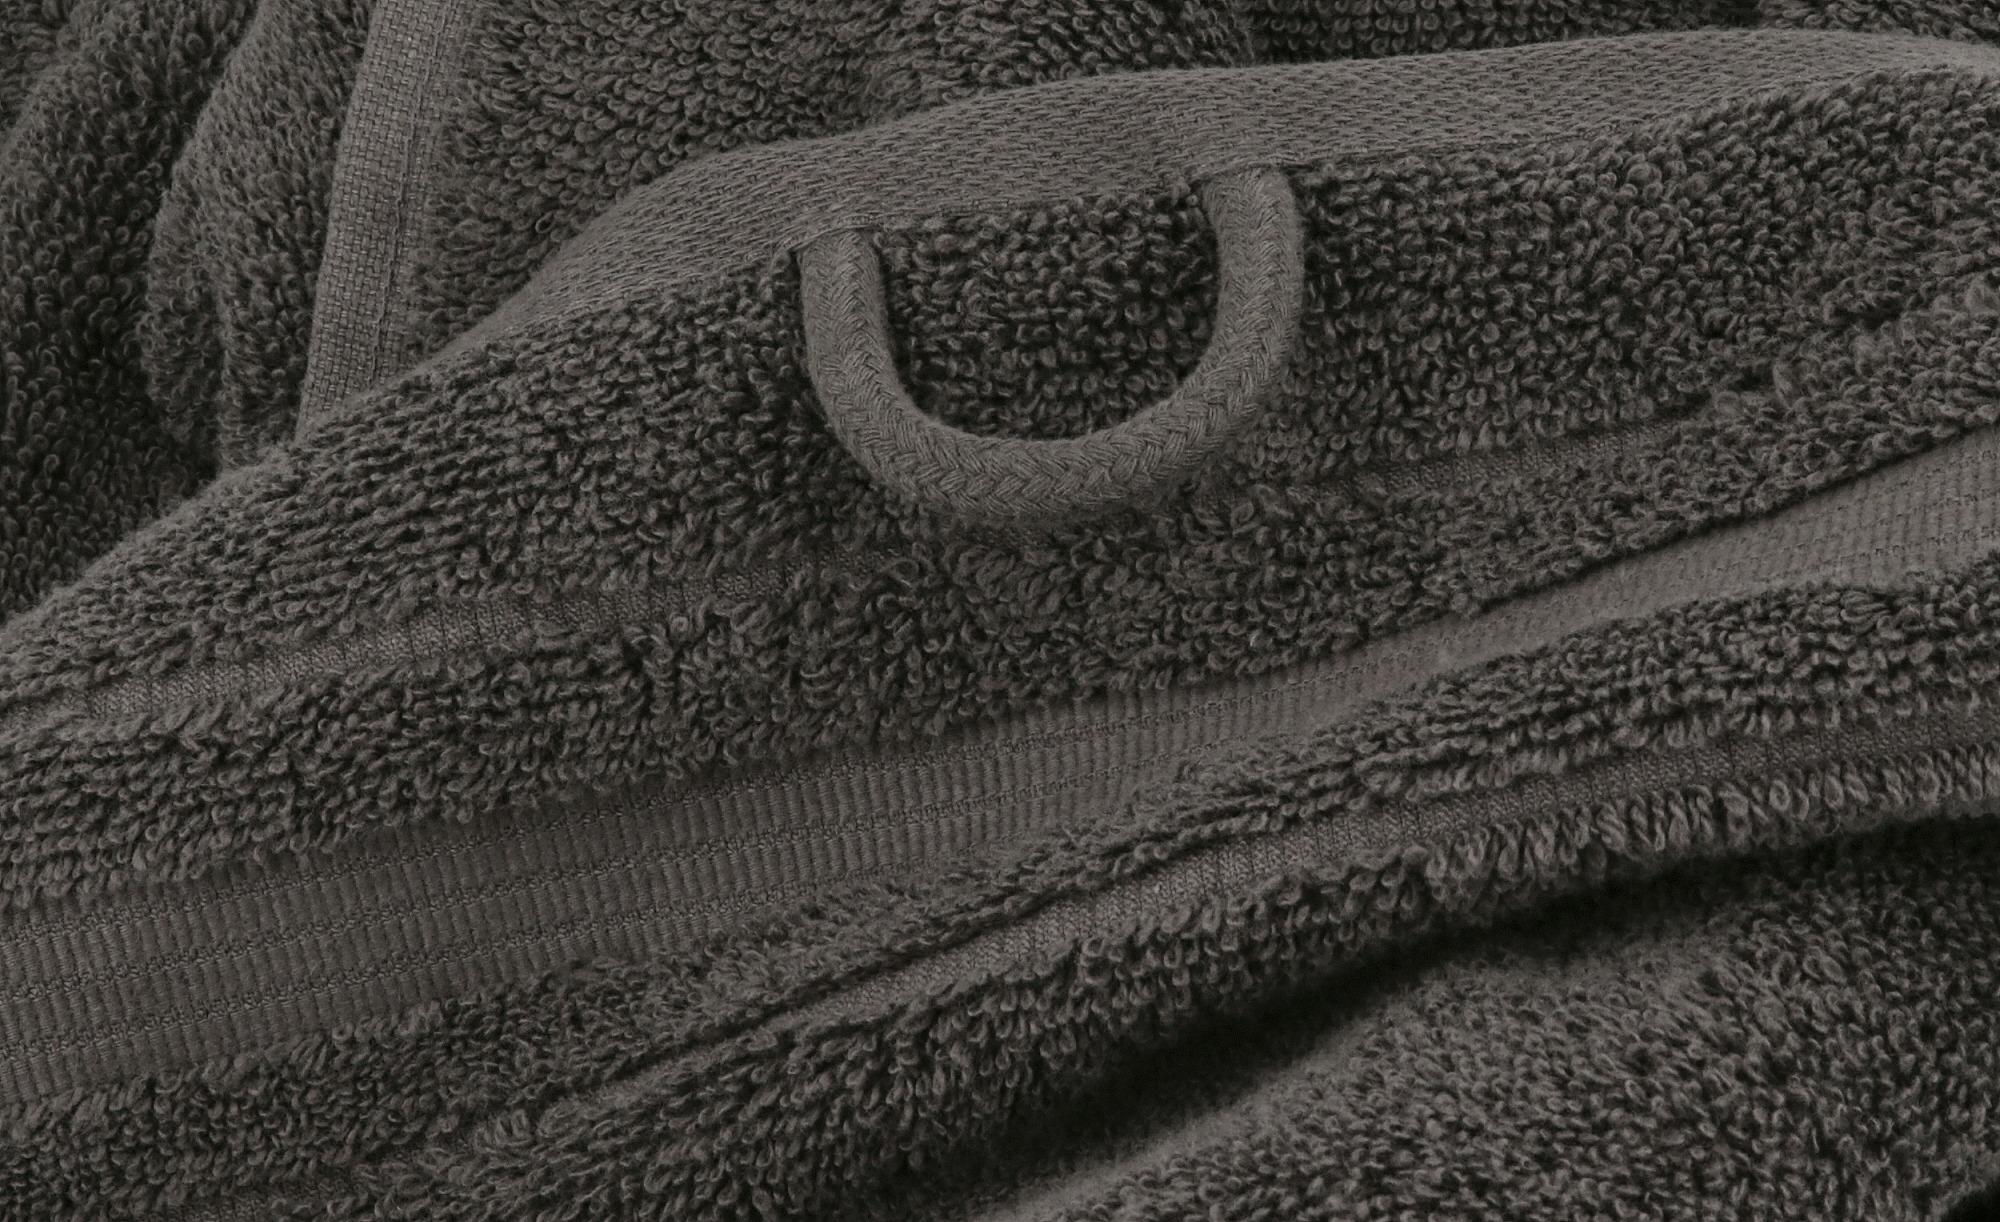 VOSSEN Badetuch  Soft Dreams ¦ grau ¦ 100% Baumwolle ¦ Maße (cm): B: 100 Badtextilien und Zubehör > Handtücher & Badetücher > Badetücher & Saunatücher - Höffner